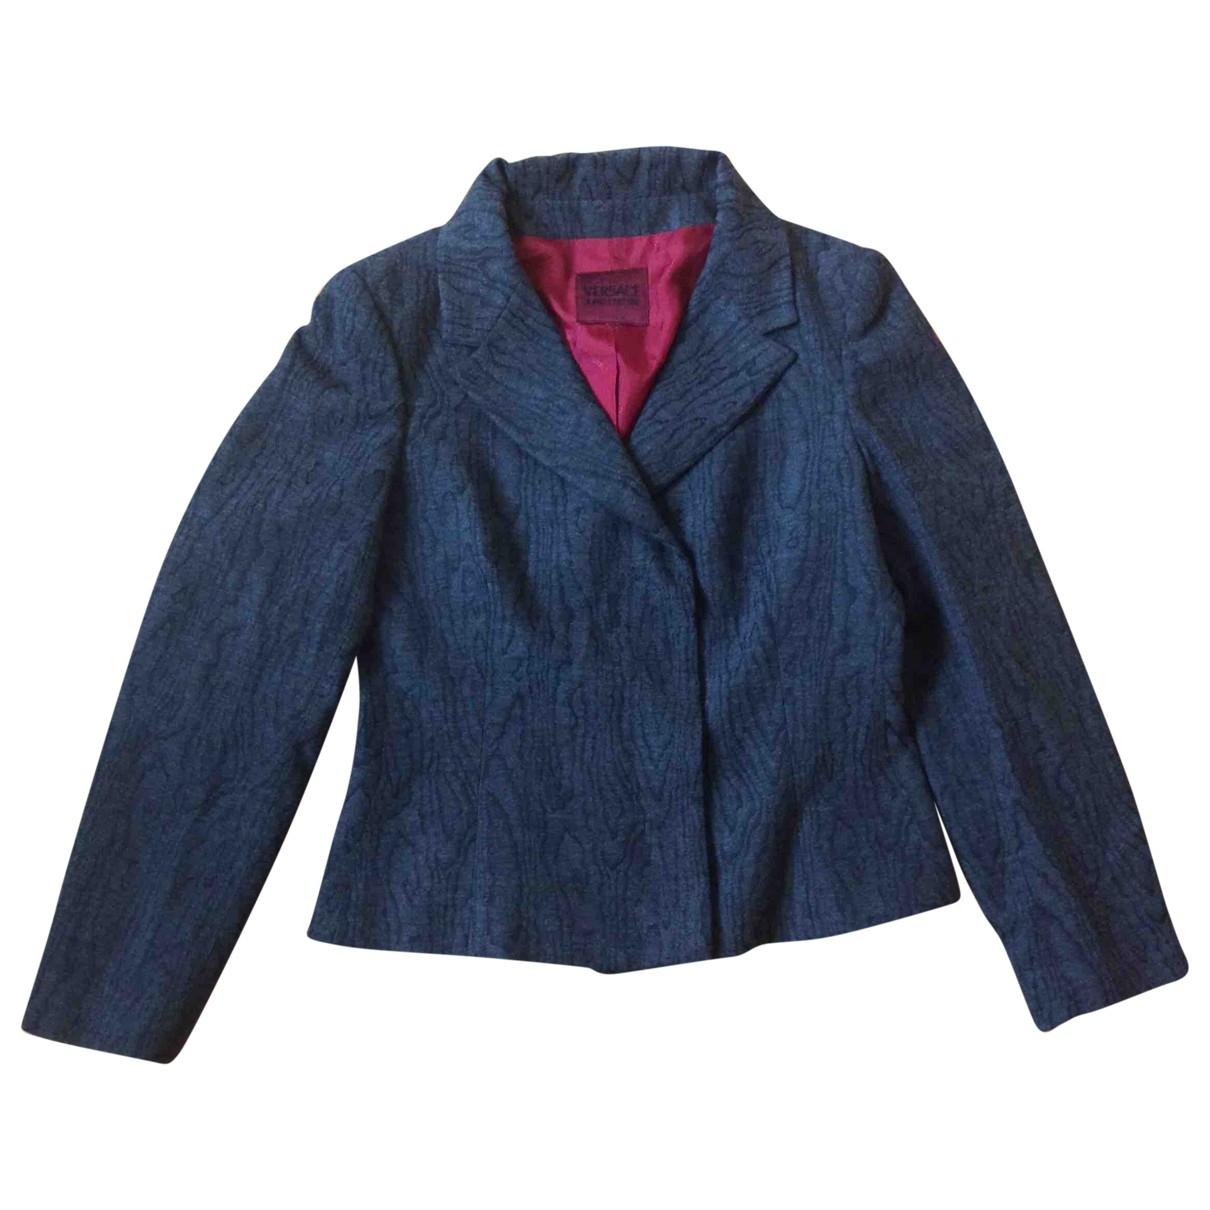 Versace Jeans \N Grey jacket for Women 44 IT